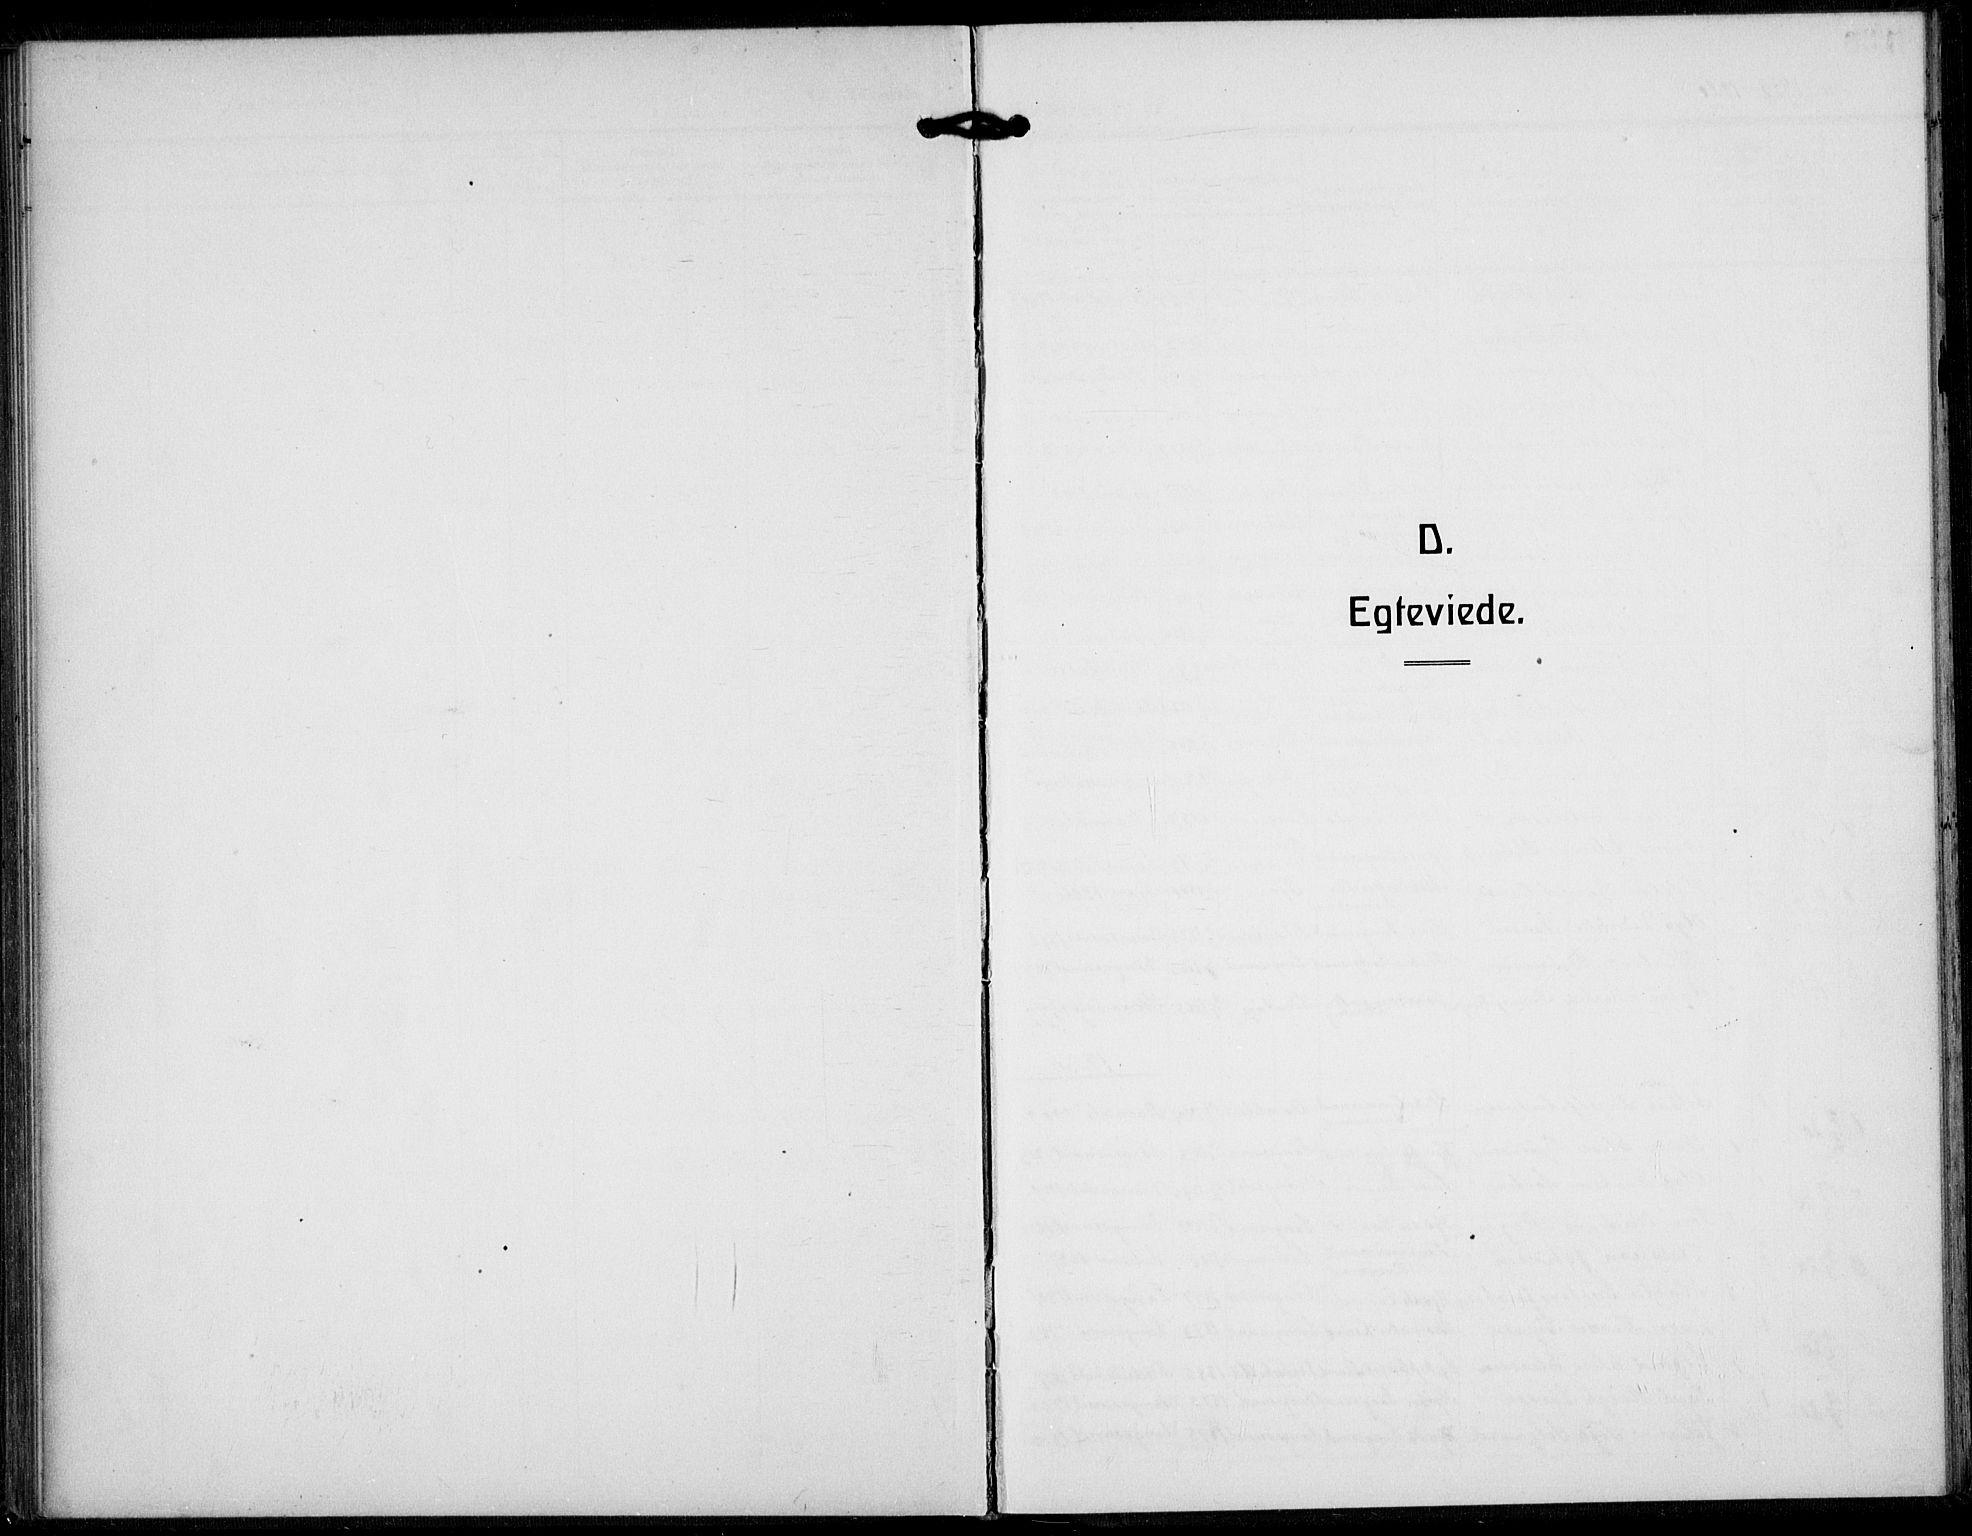 SAKO, Langesund kirkebøker, G/Ga/L0007: Klokkerbok nr. 7, 1919-1939